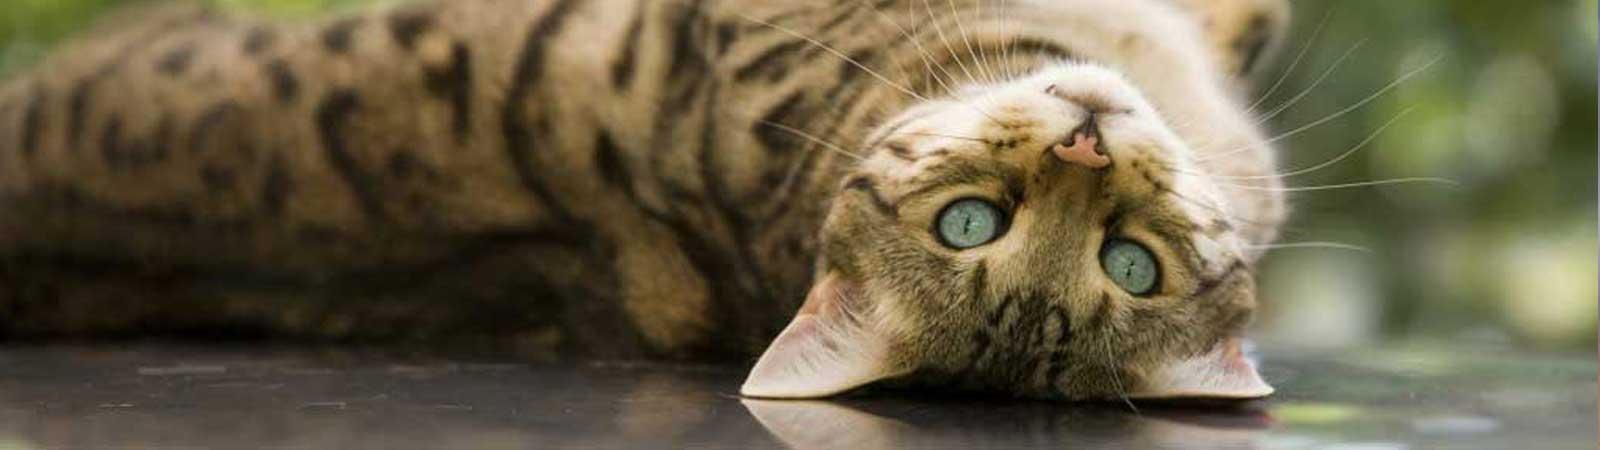 cane gatto dermatite